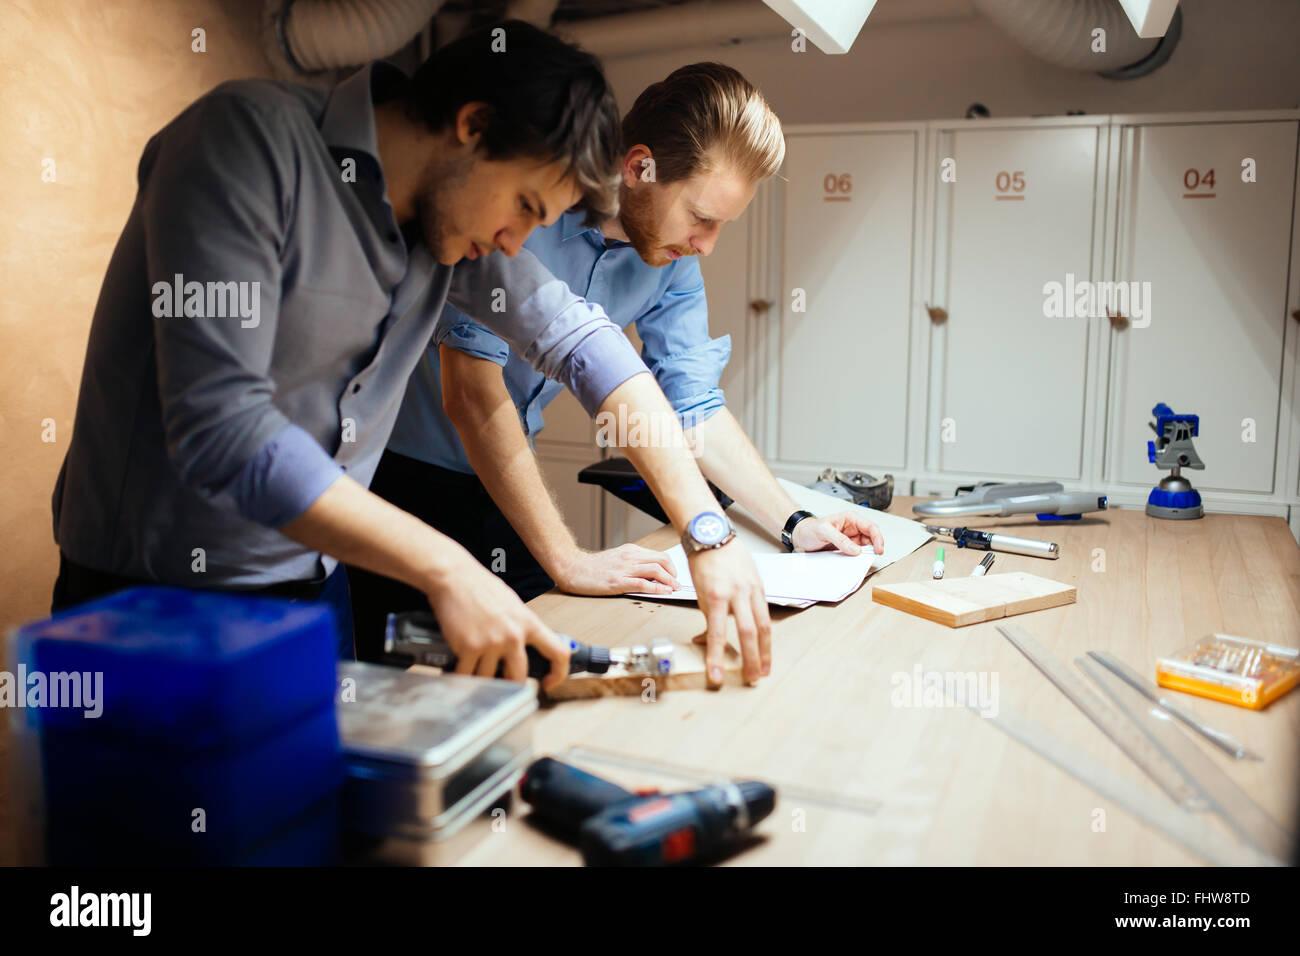 Deux designers qui travaillent ensemble en atelier avec des outils de précision Photo Stock